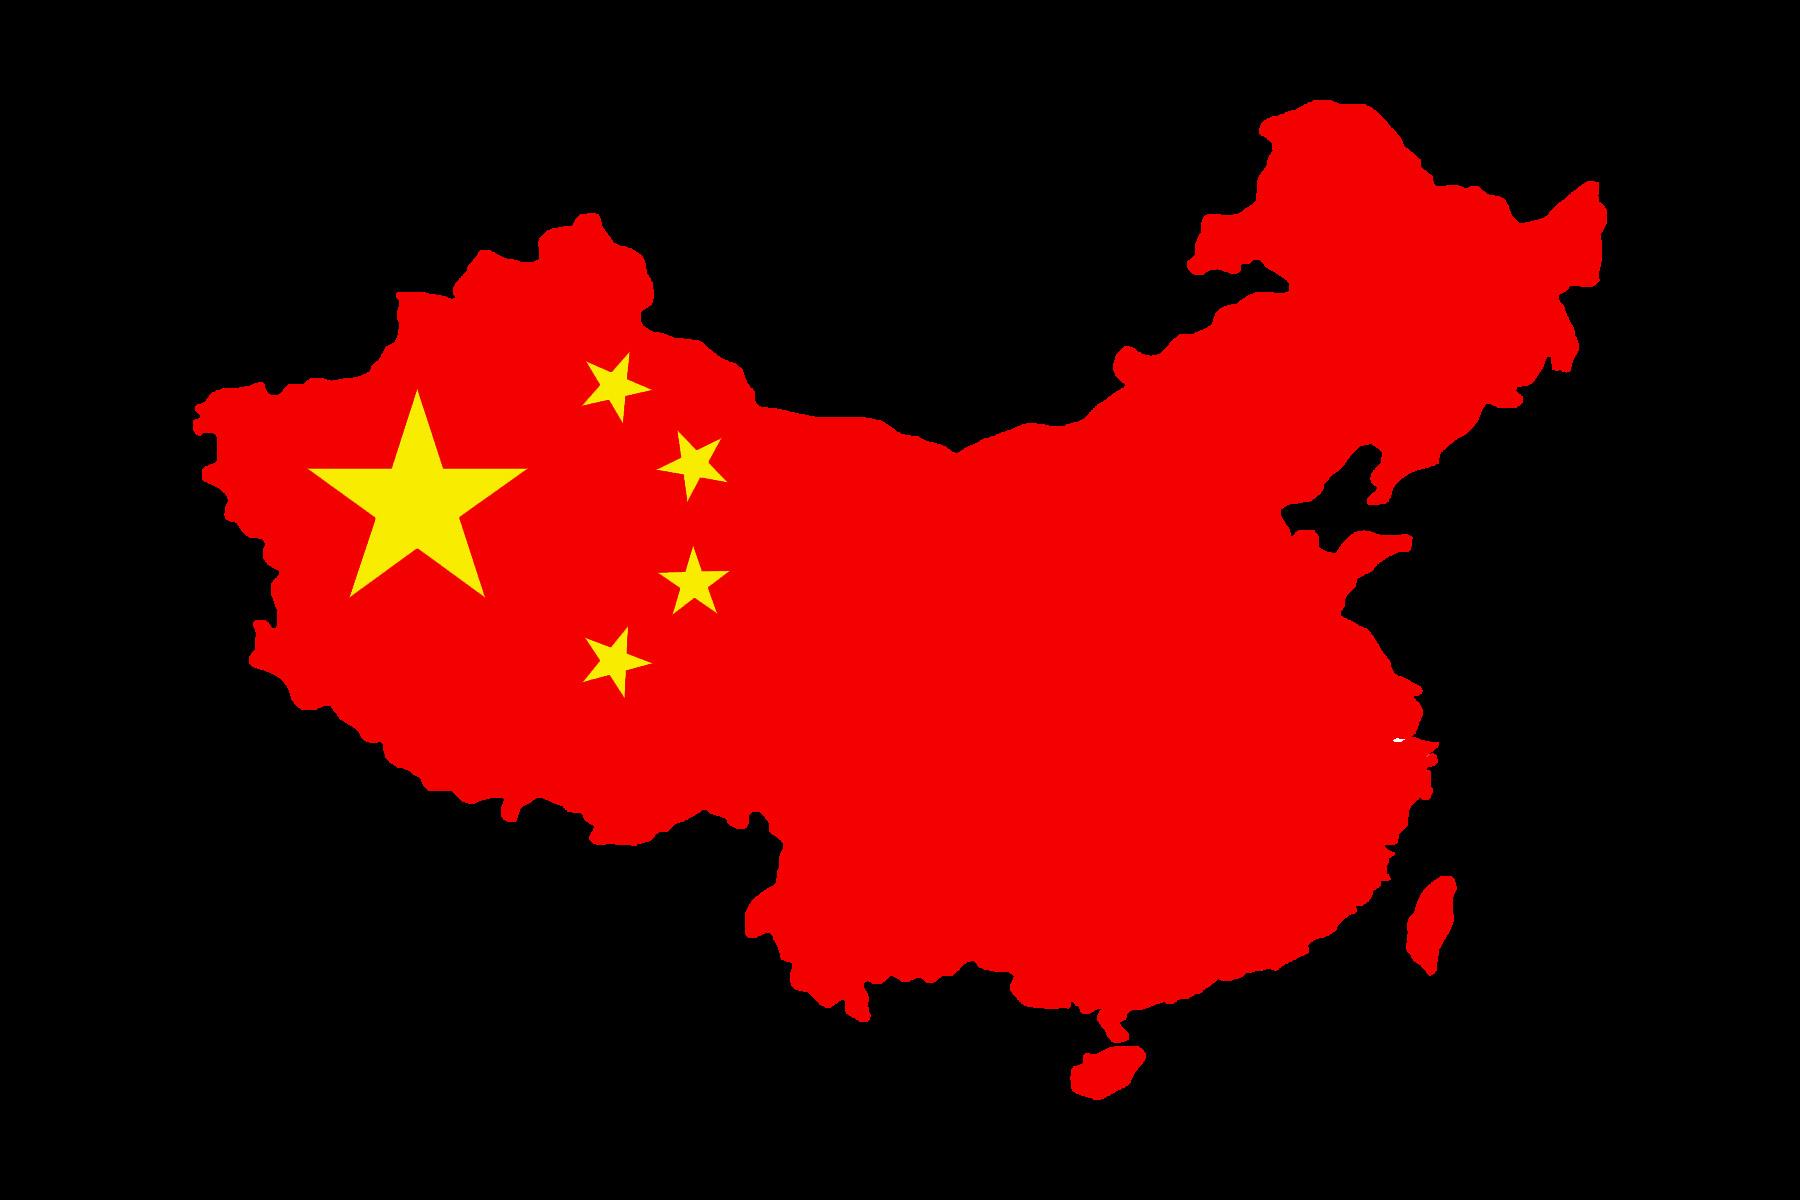 【悲報】中国企業「Steamなどの国外ゲーム販売プラットフォームをボイコットする」